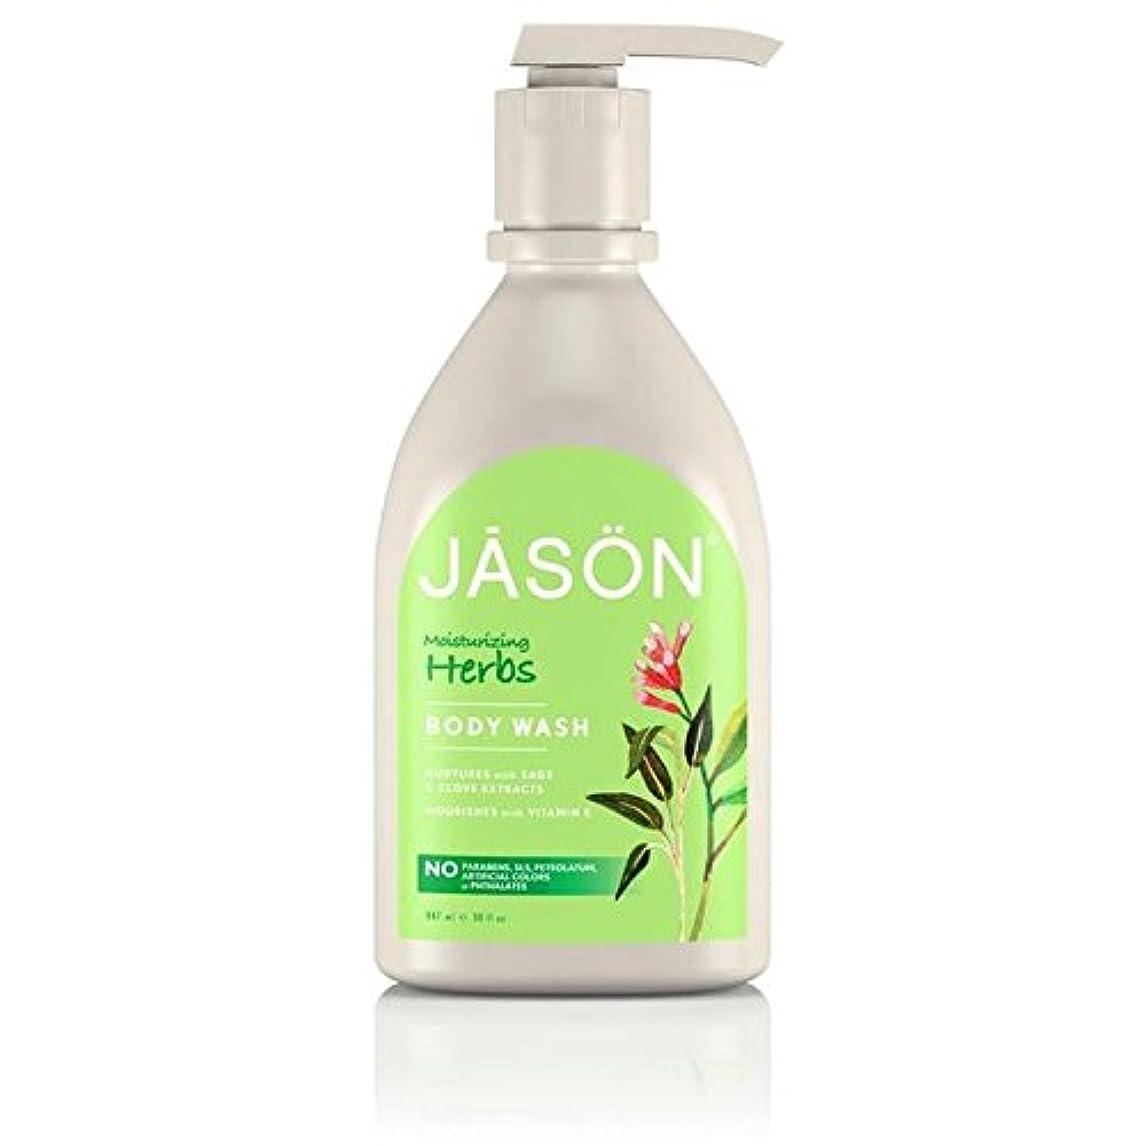 割り込み講義中止しますJason Herbal Satin Body Wash Pump 900ml - ジェイソン?ハーブサテンボディウォッシュポンプ900ミリリットル [並行輸入品]